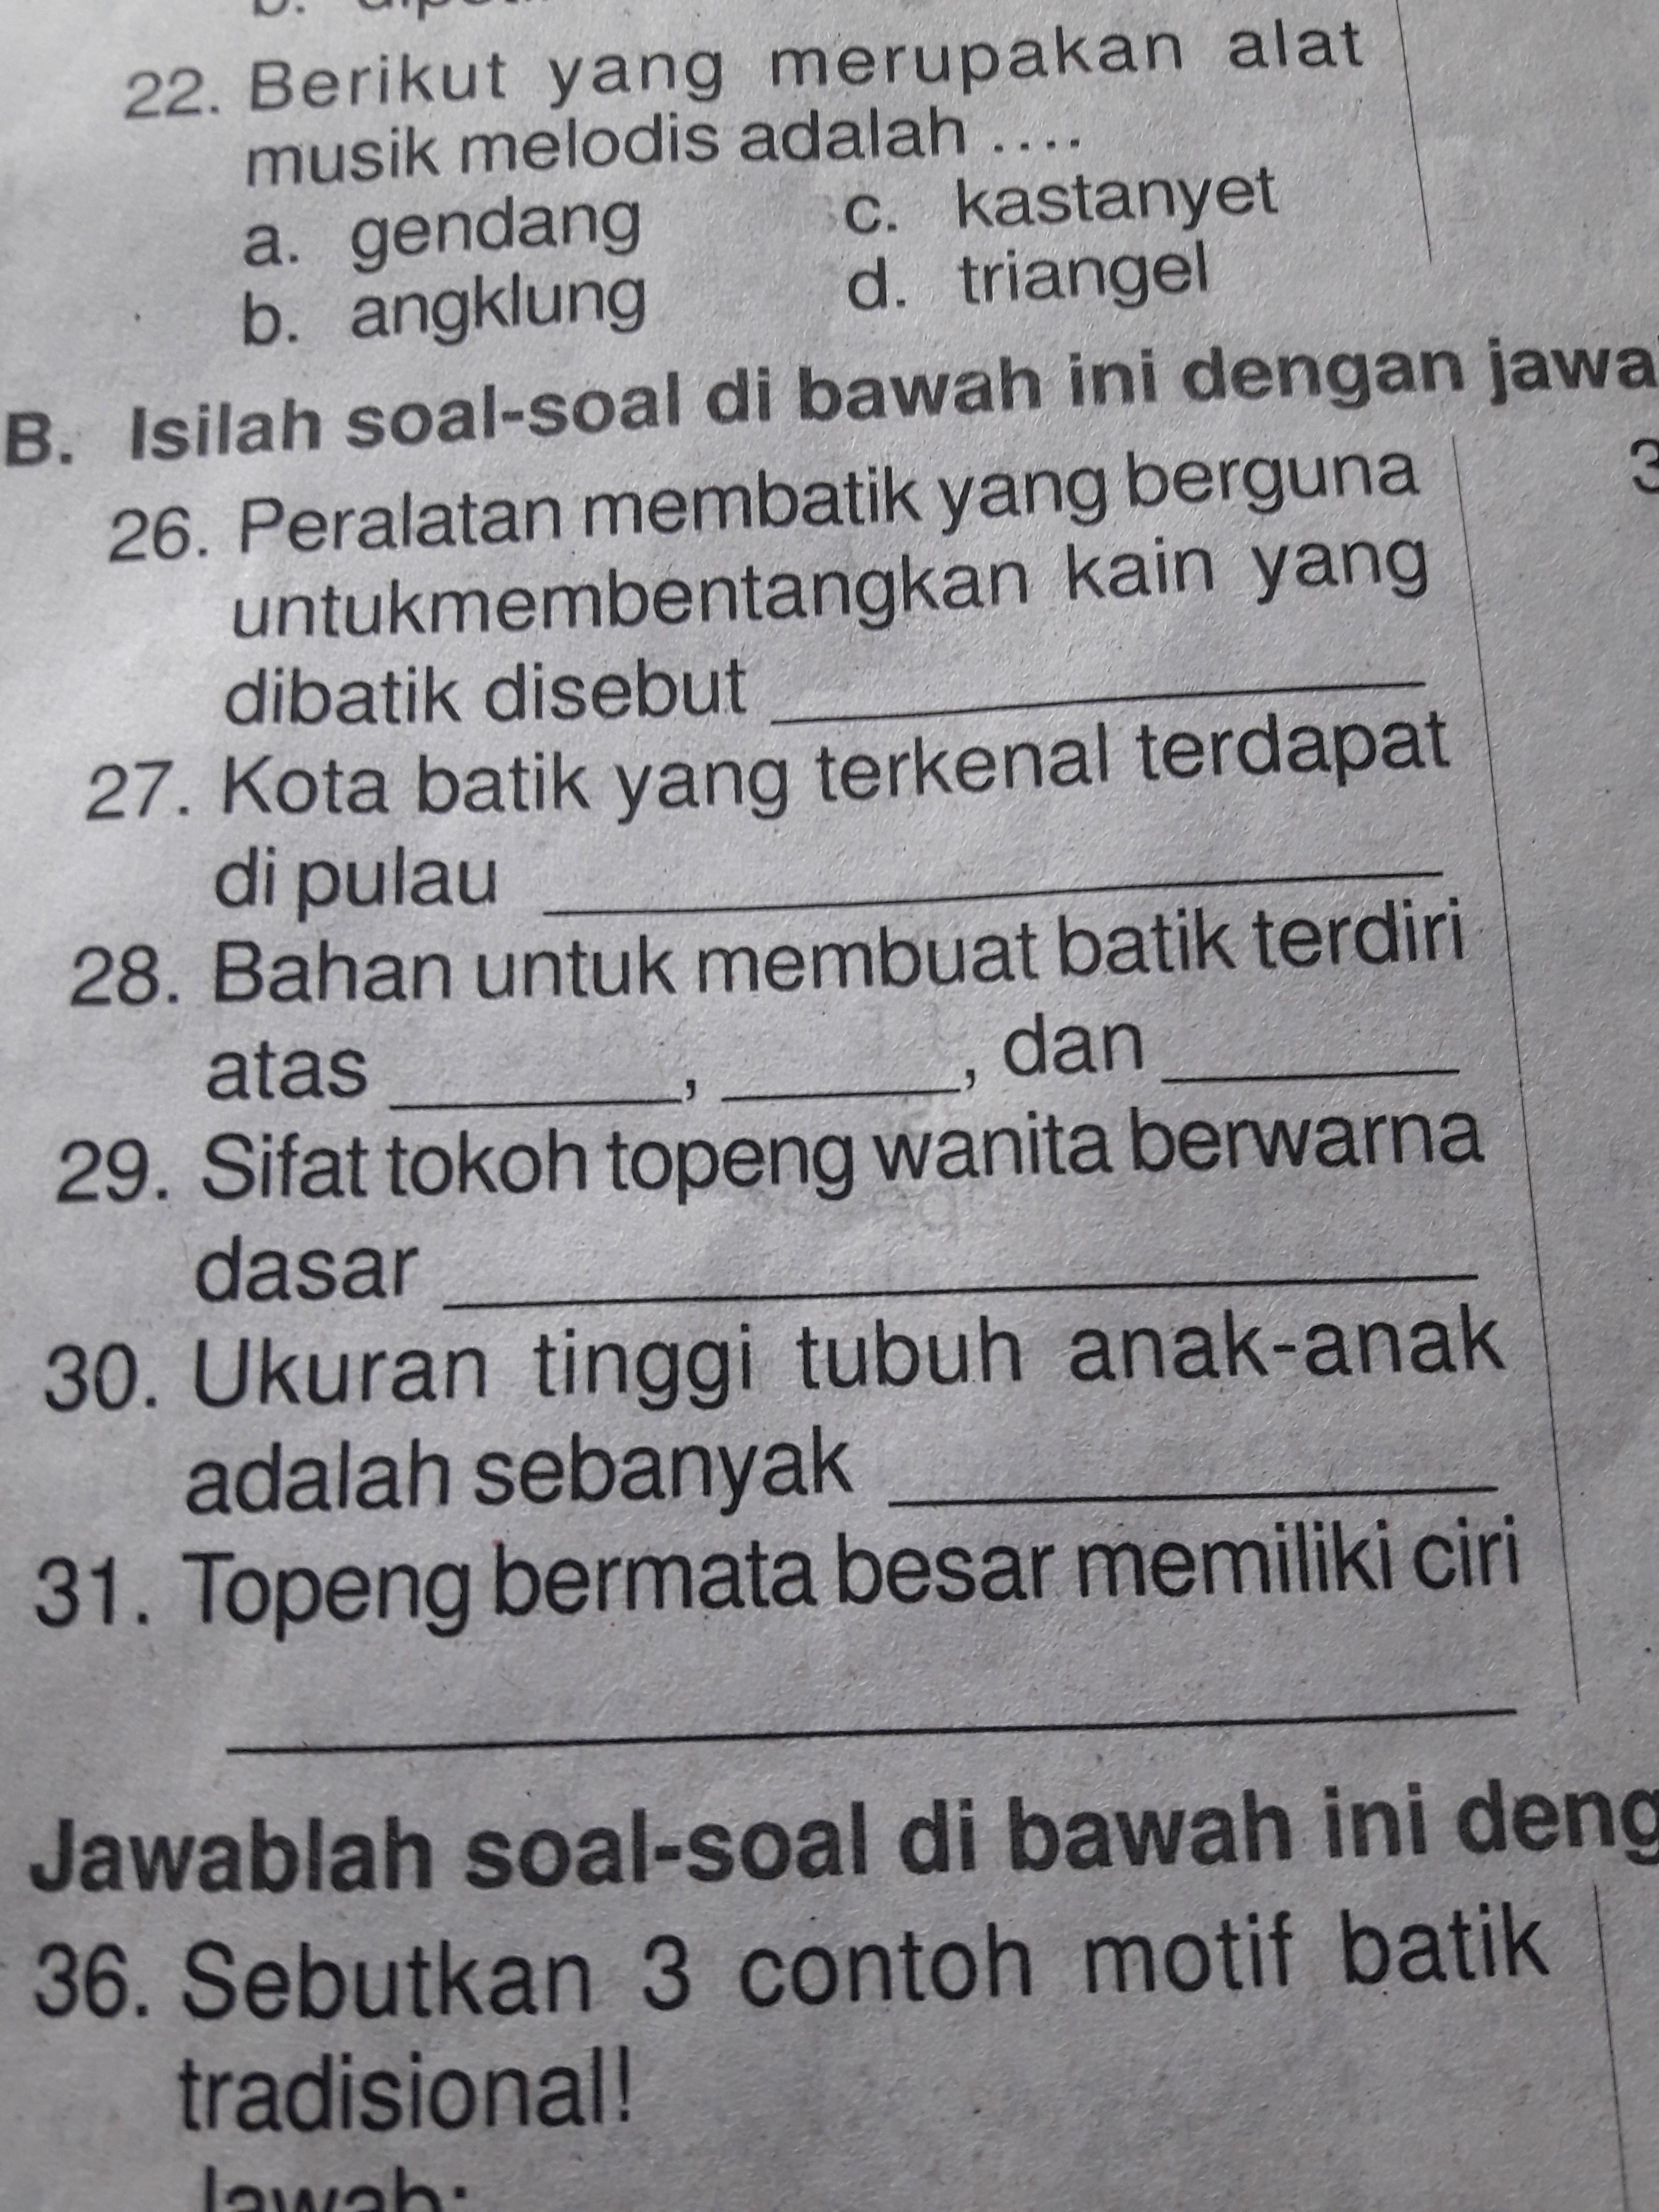 Kk Tolong Bantu Jawab Soalnnya Nomor 29 Dan 31 Brainly Co Id